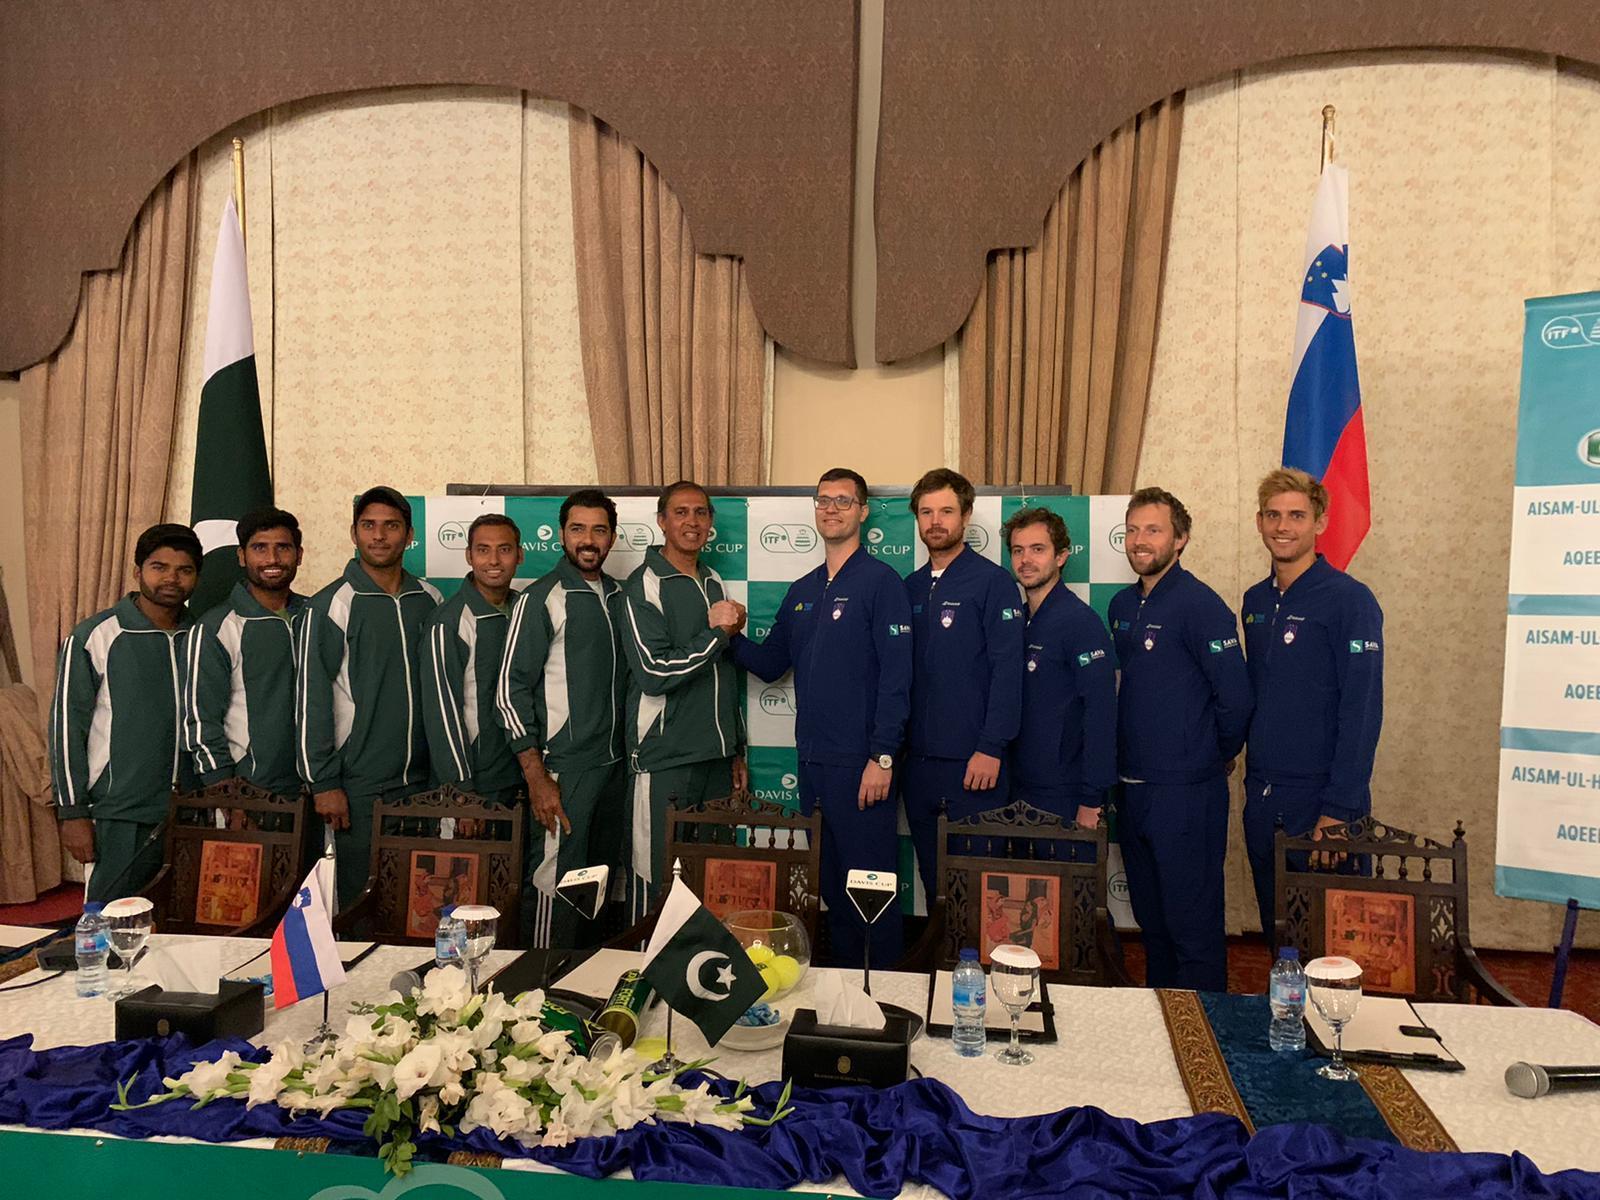 reb vsi - Črn dan za slovenski tenis v Pakistanu odnesel sanje o 1. svetovni skupini